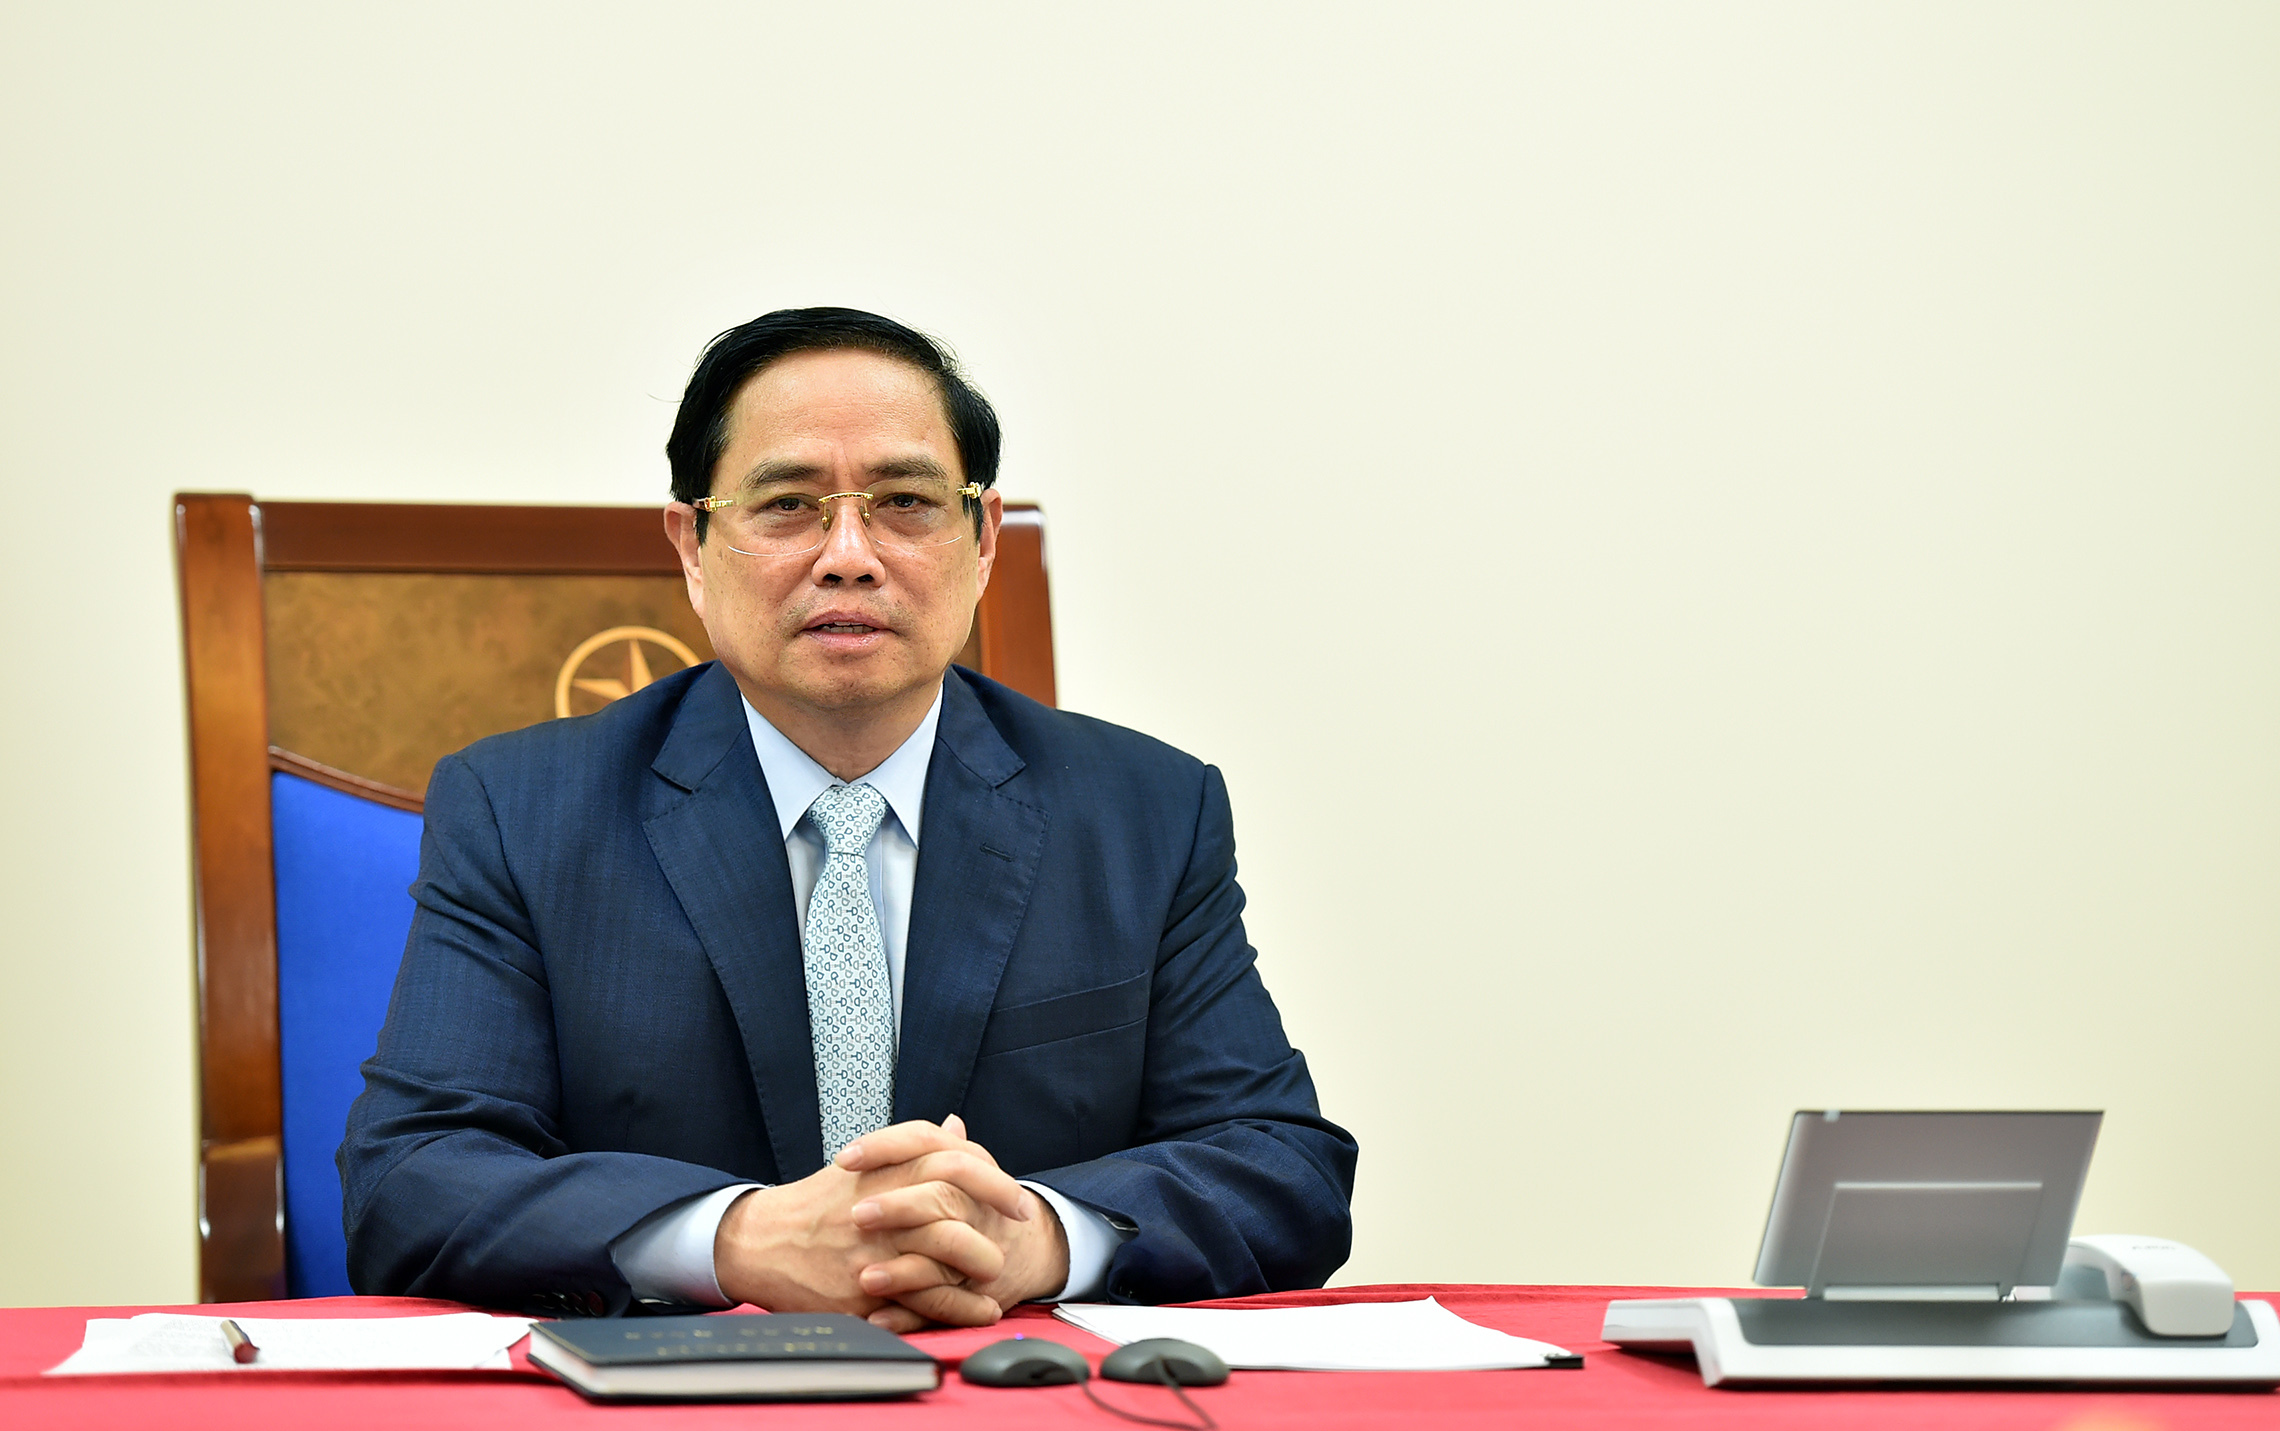 Thủ tướng đề nghị Israel hỗ trợ Việt Nam tiếp cận các nguồn vắc xin